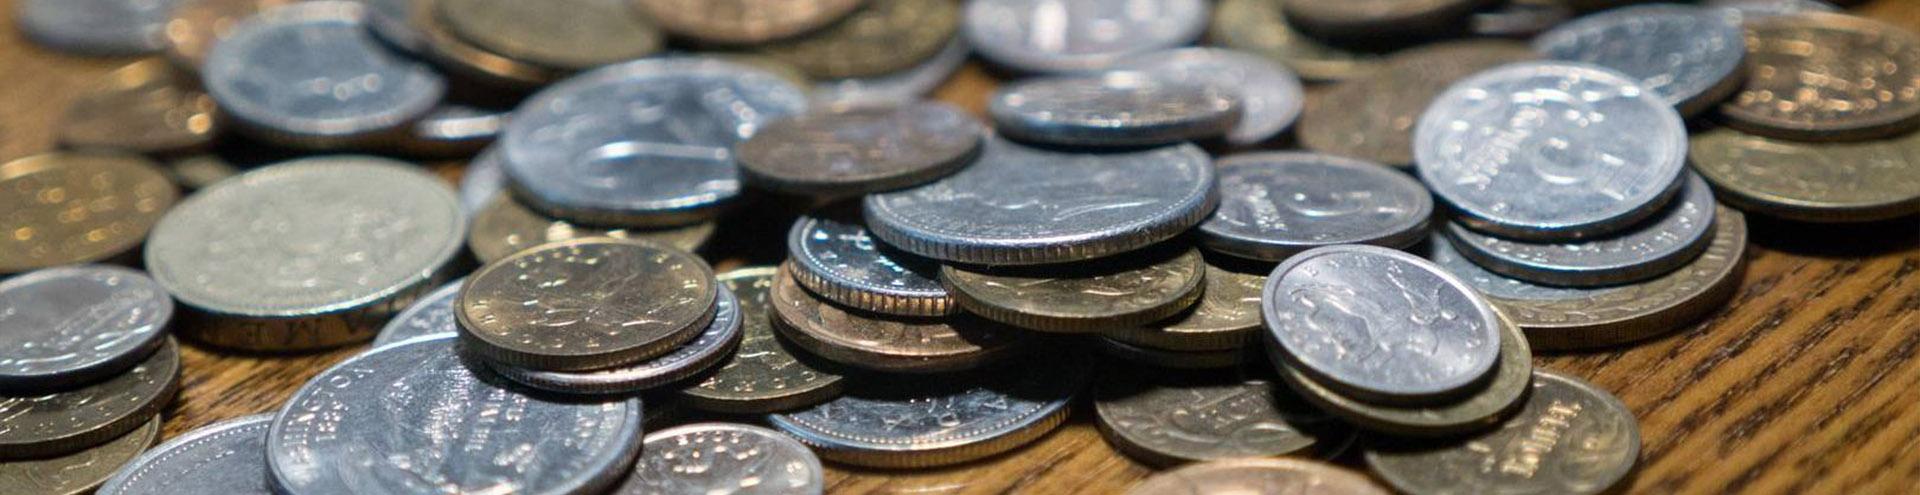 судебное взыскание долгов в Саратове